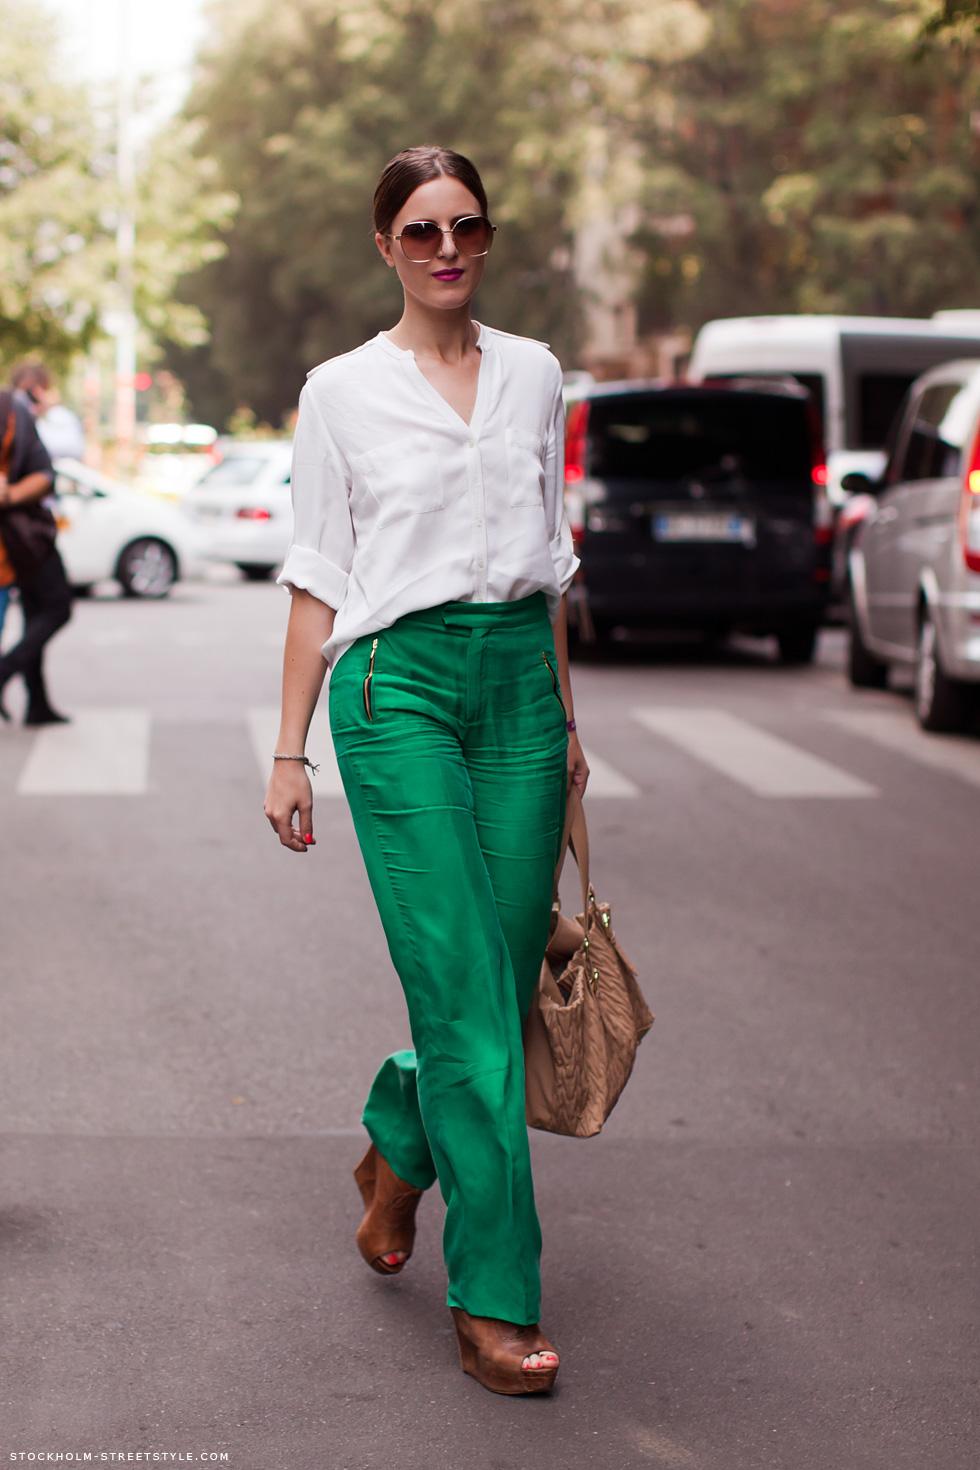 Trang phục màu xanh lá sẽ thay đổi tâm trạng của bạn